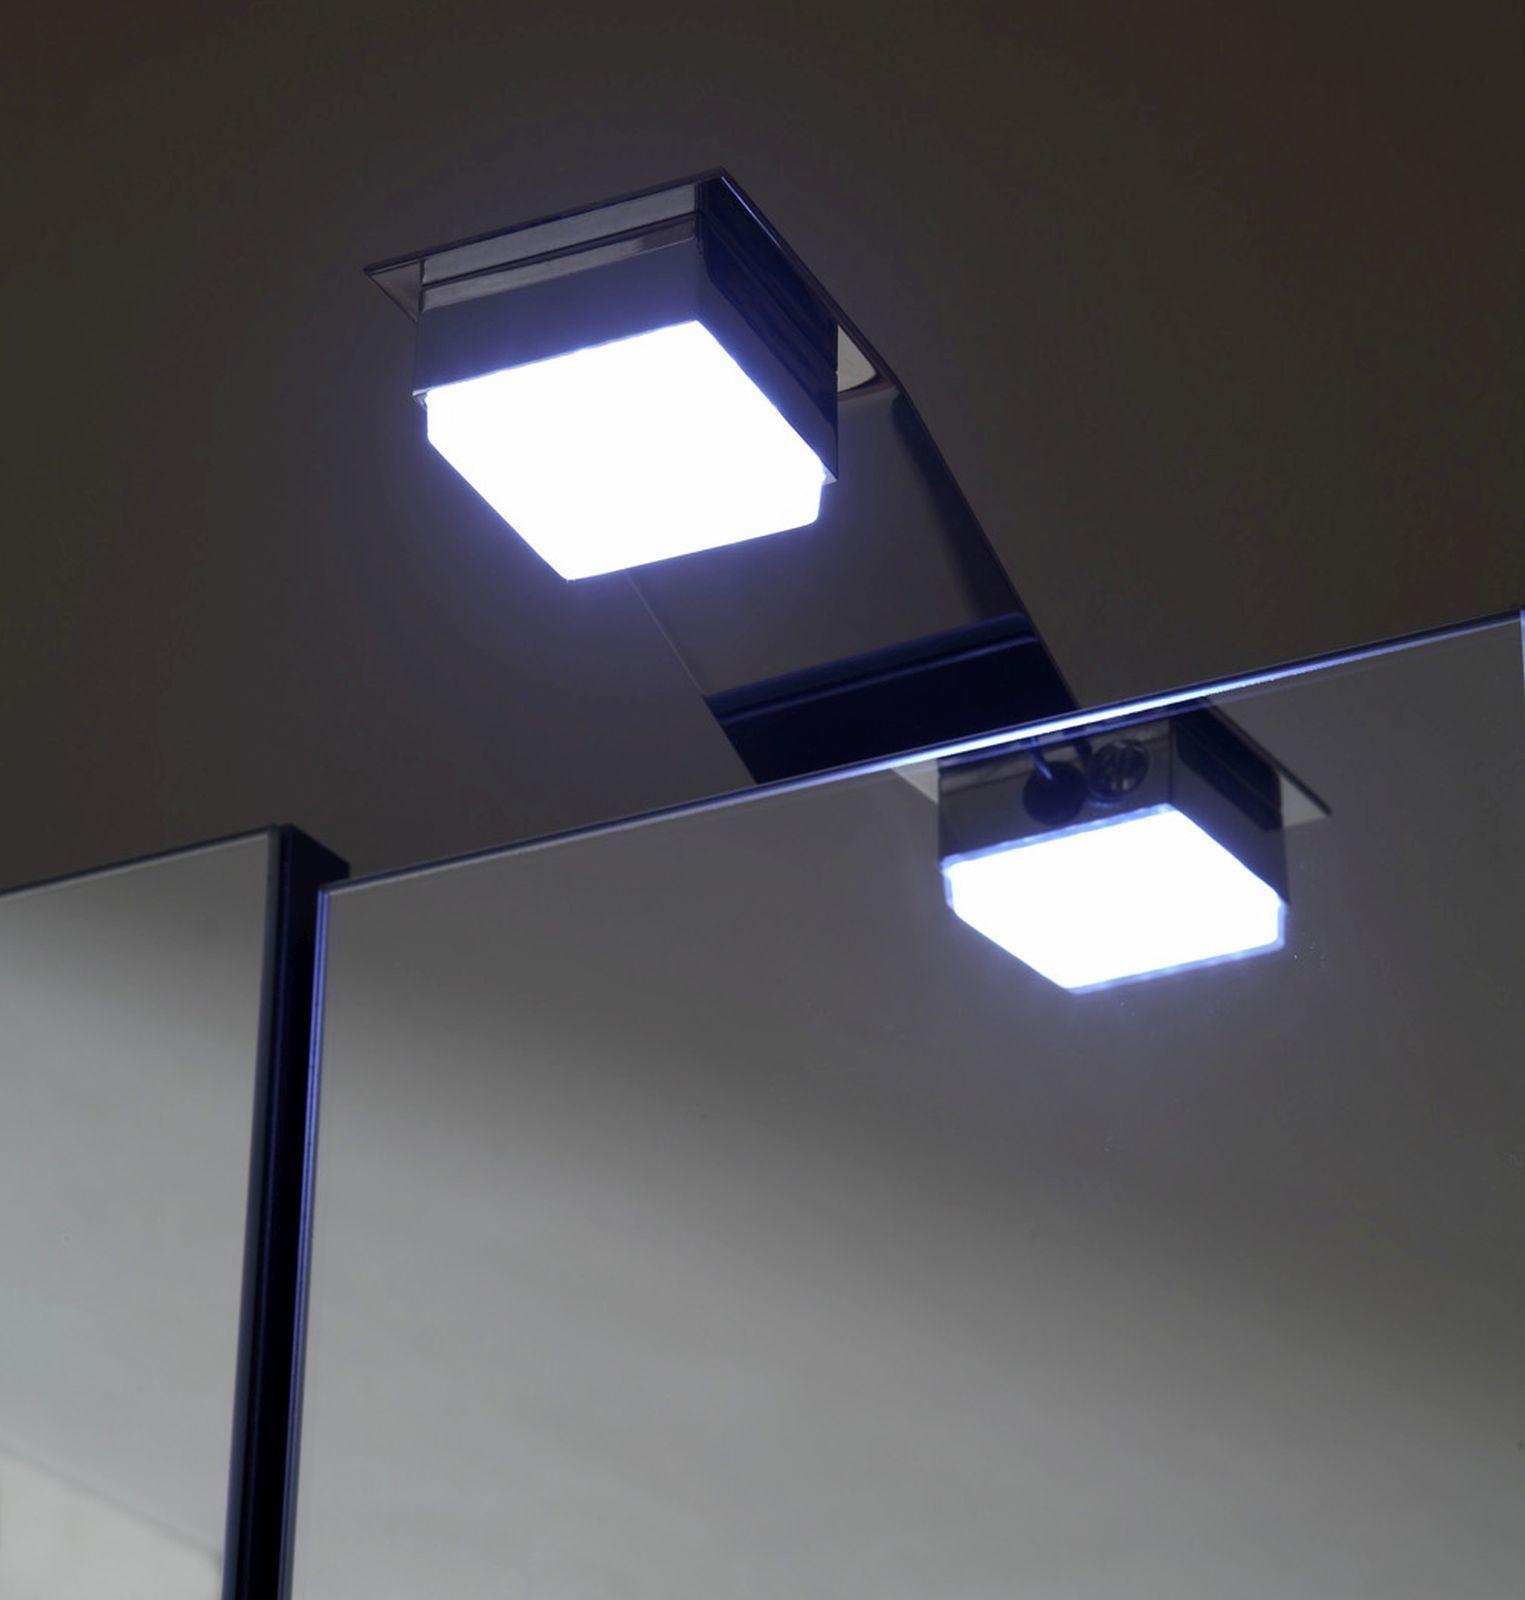 Badspiegel 68cm Spiegelschrank 3 Turen Led Beleuchtung Schalter